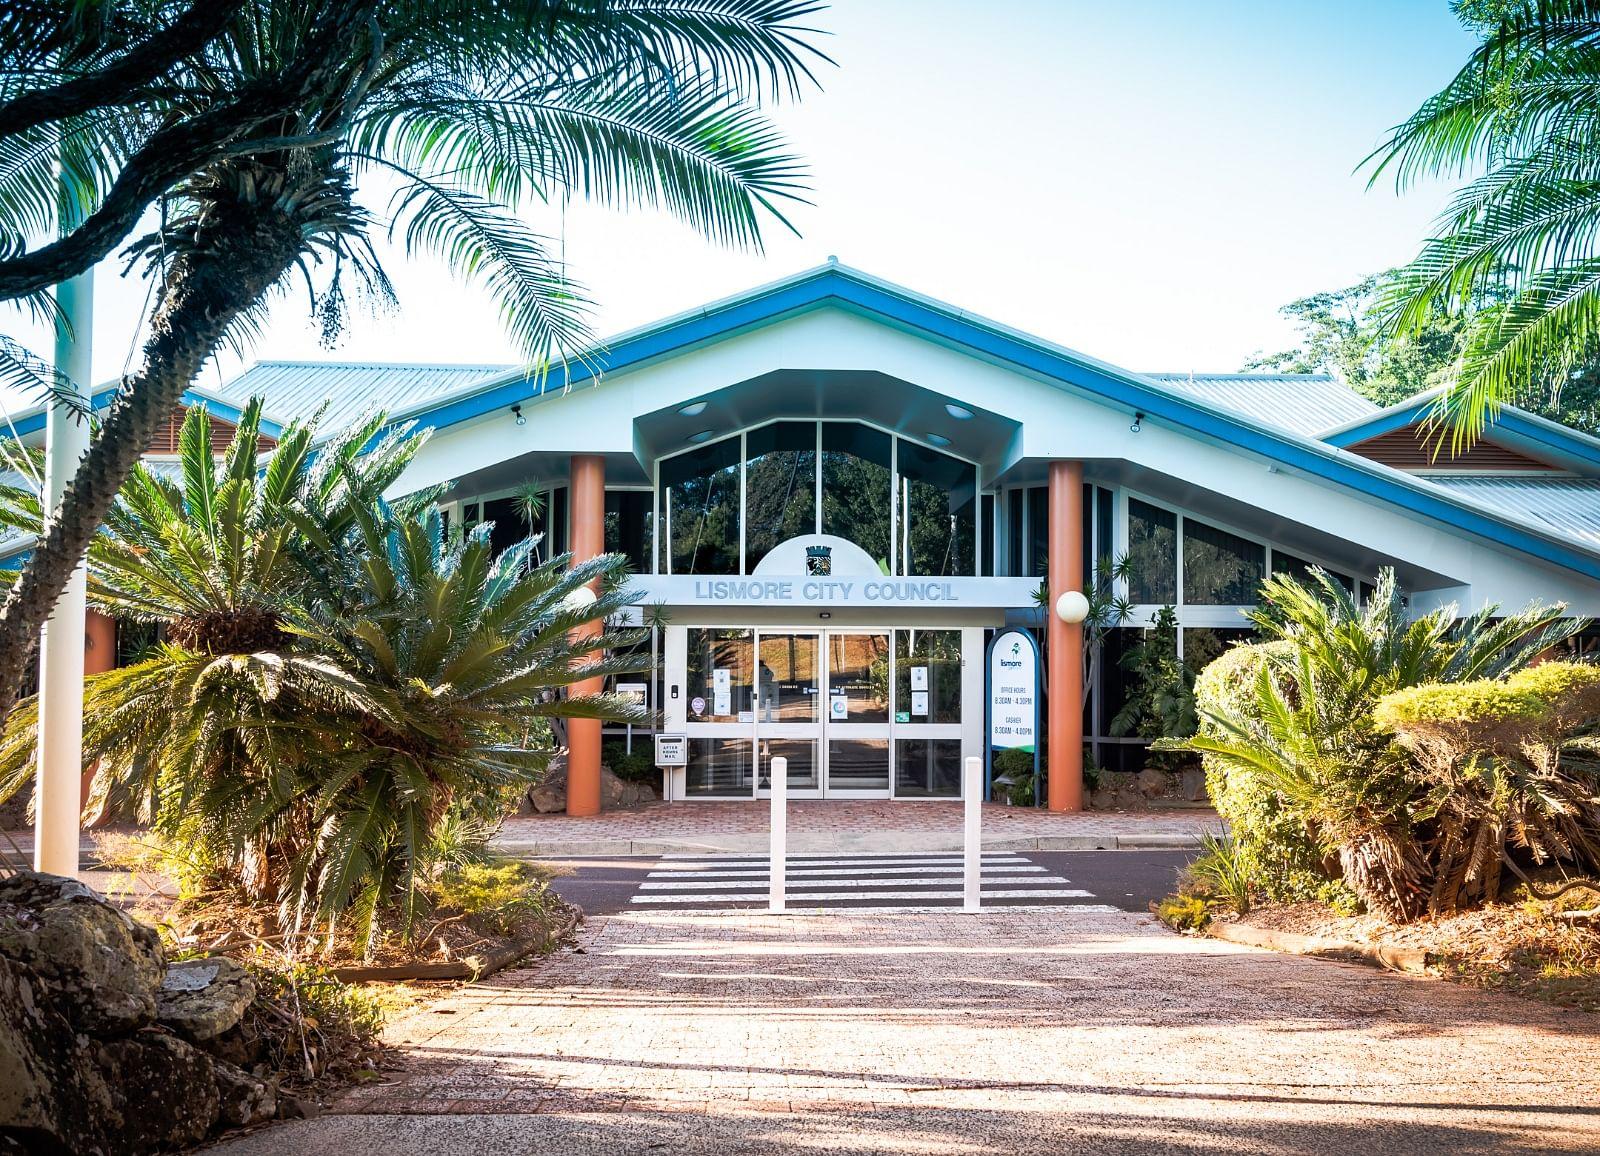 Lismore City Council re-opens community services